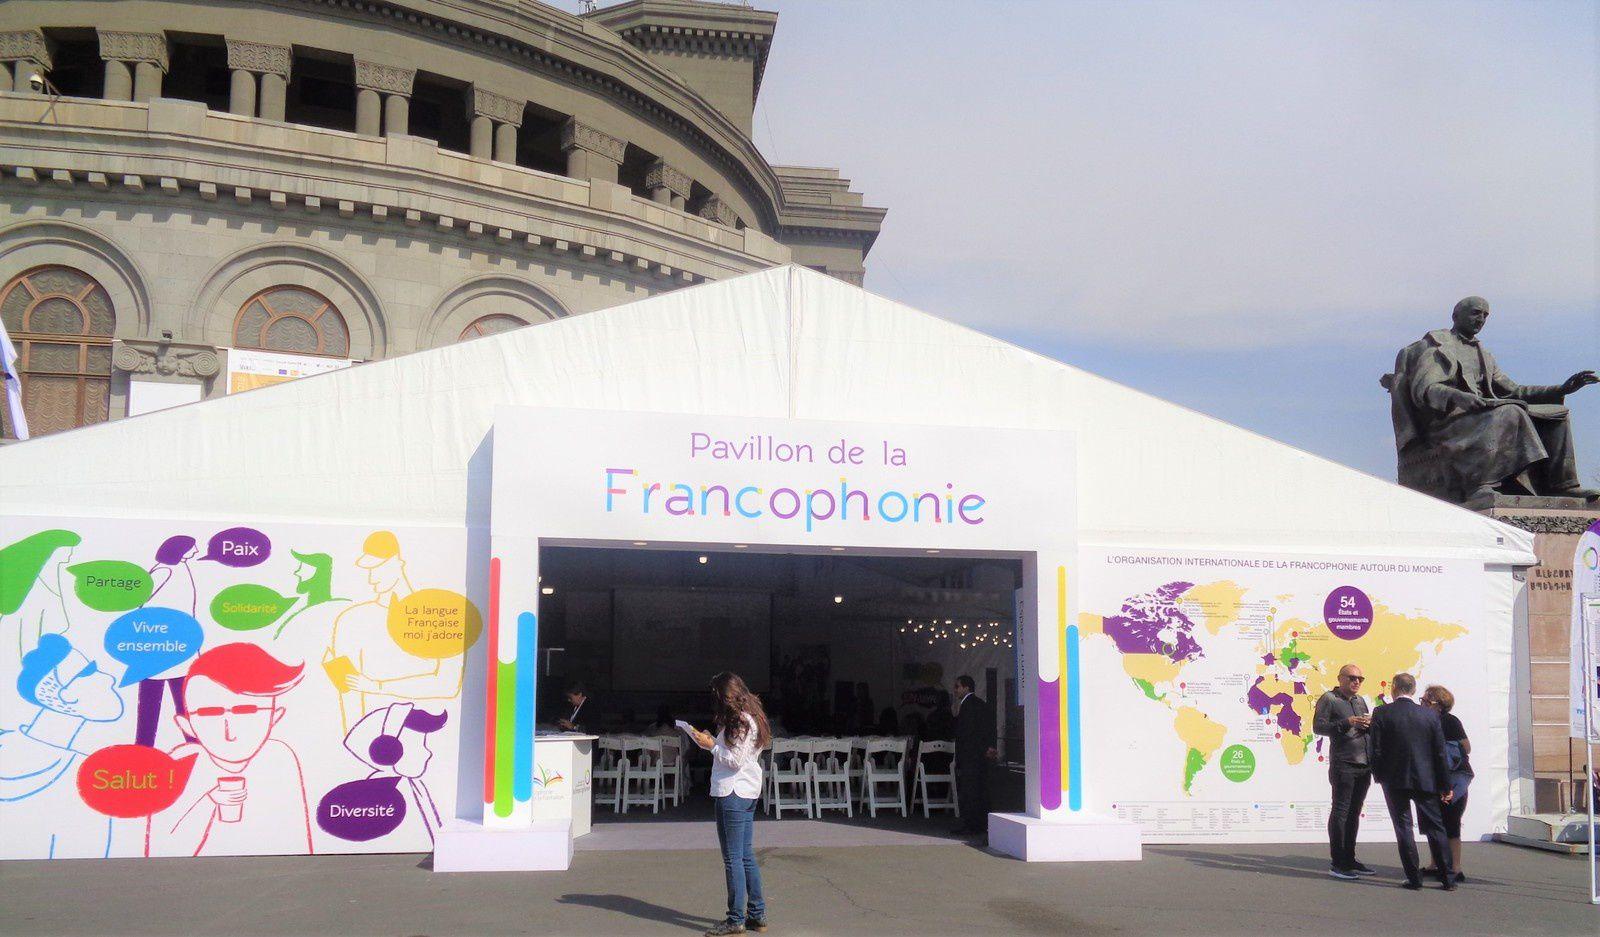 Arménie 2018 - Au Village du Sommet de la Francophonie